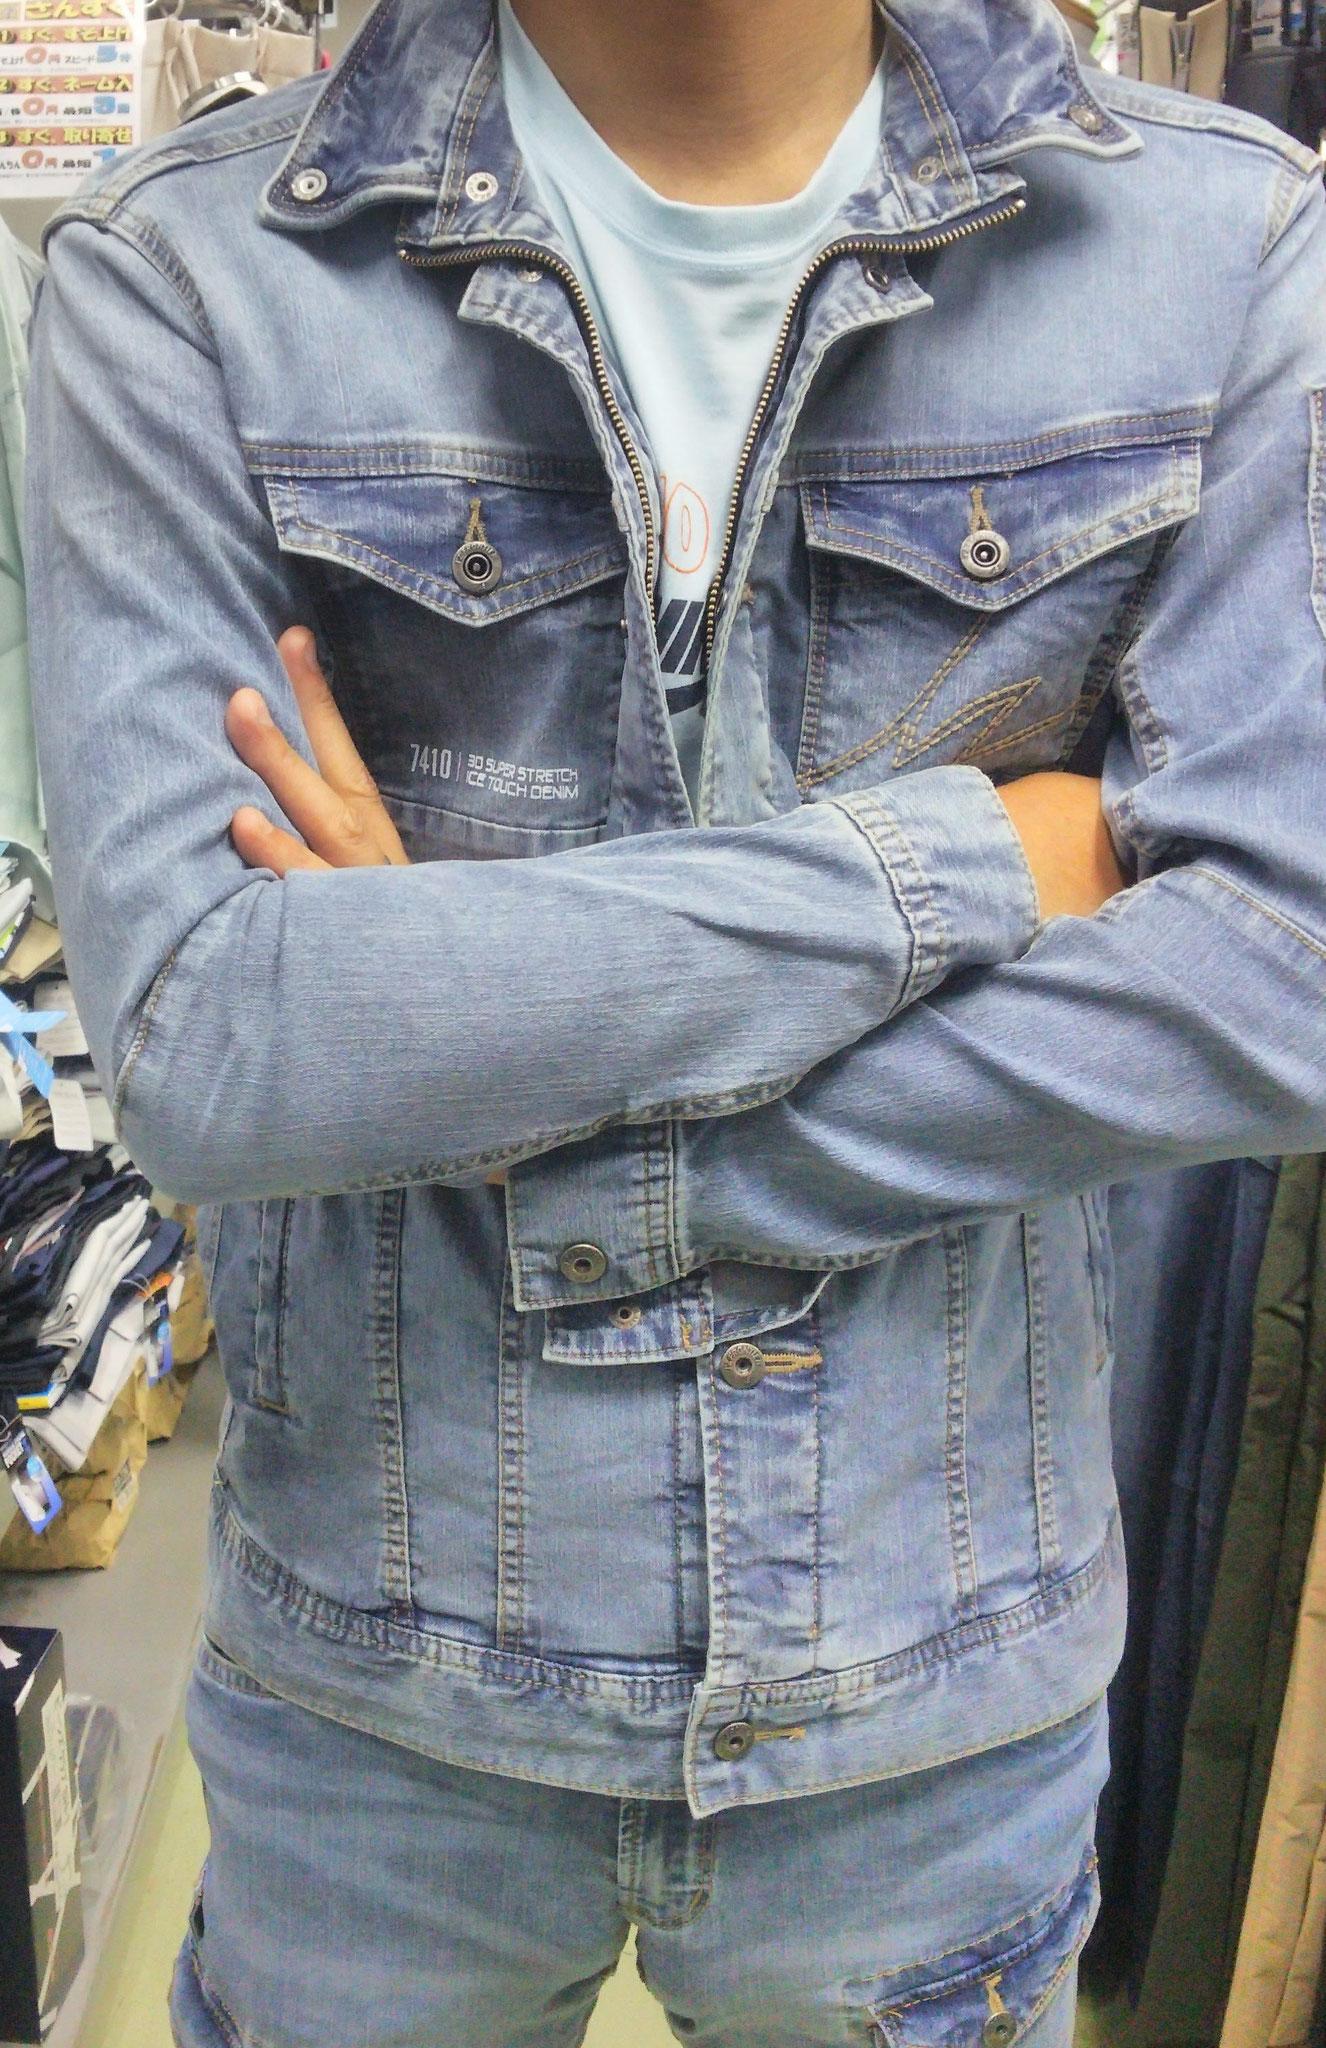 I'Z FRONTIER~アイズフロンティア~アイスタッチデニム。実際に着てみました。腕のあたりがひんやりします。